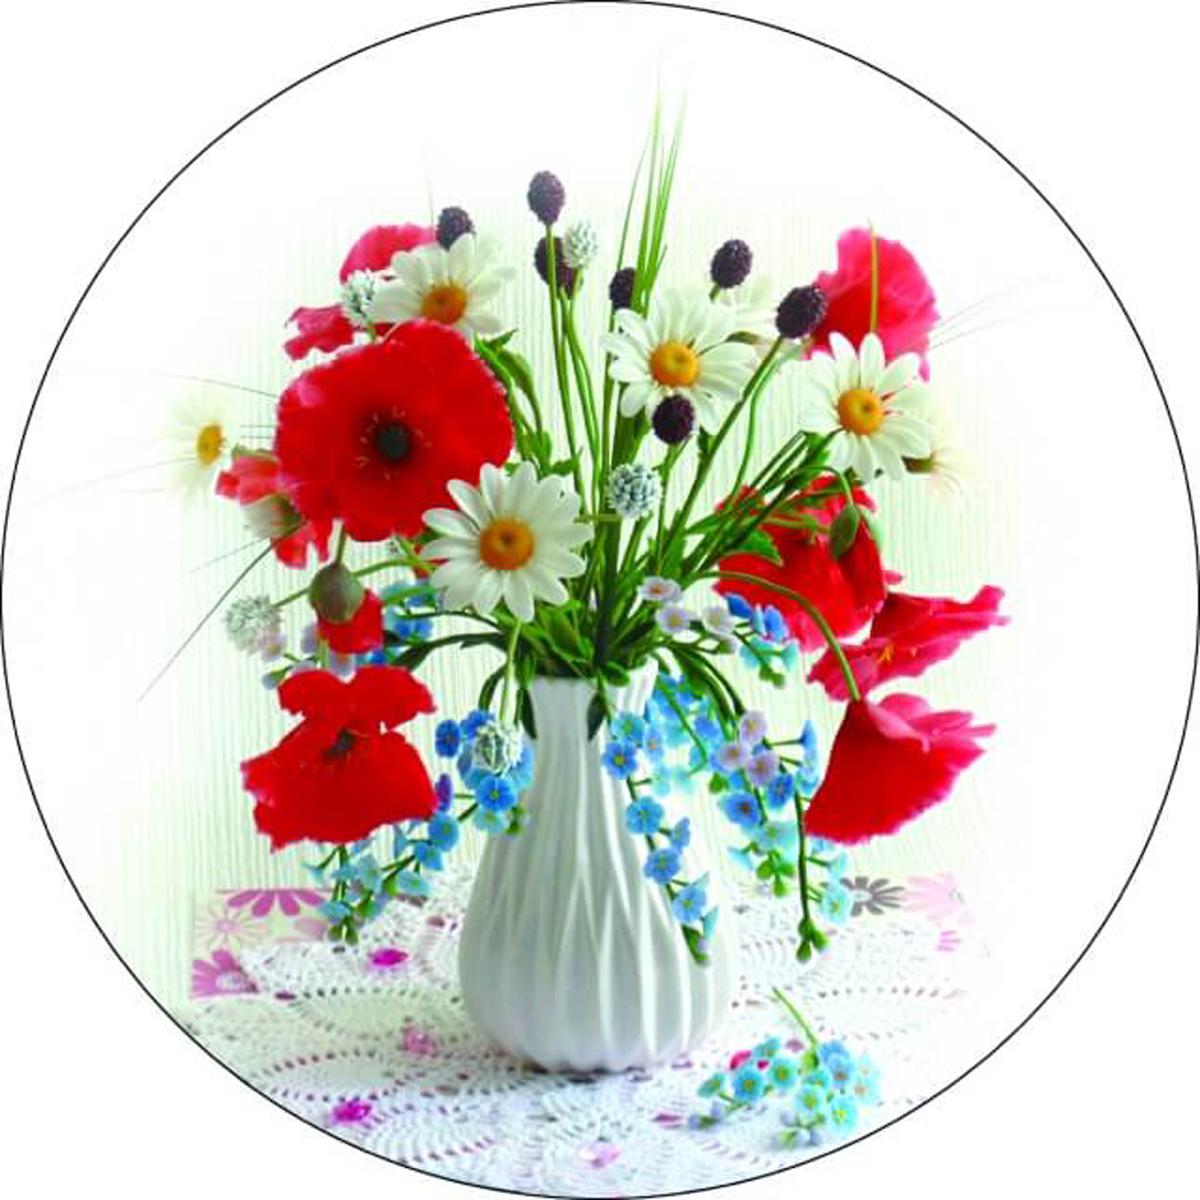 Набор для вышивания крестиком Цветной Букет с маками, 28 х 28 см канва с рисунком для вышивания орхидеи 28 х 34 см 1316